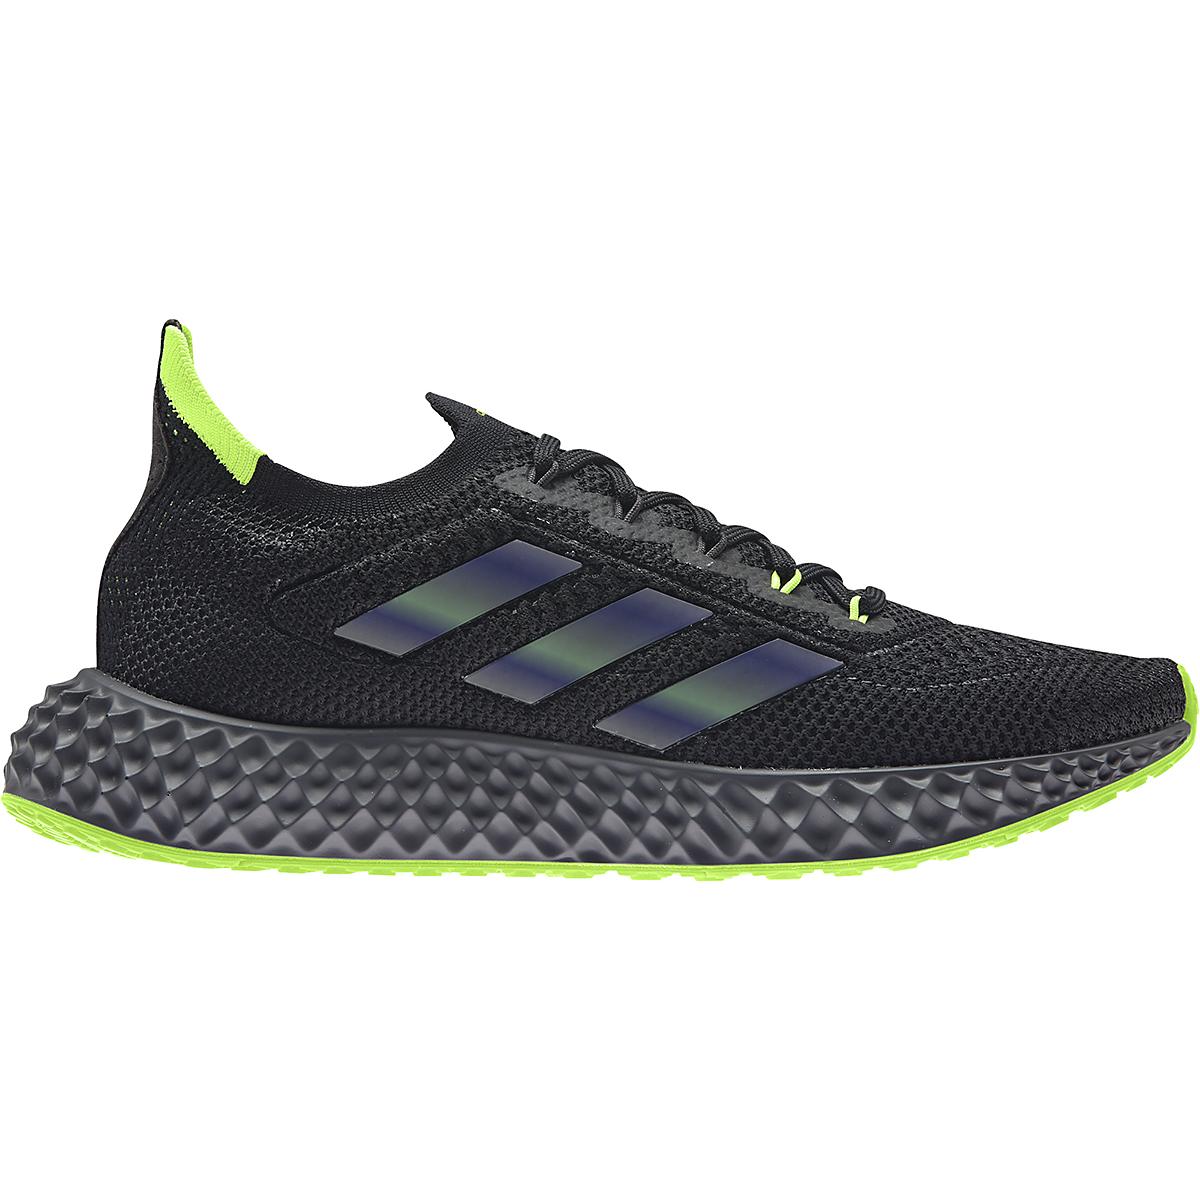 Men's Adidas 4DFWD Running Shoe - Color: Core Black/Carbon - Size: 6 - Width: Regular, Core Black/Carbon, large, image 1